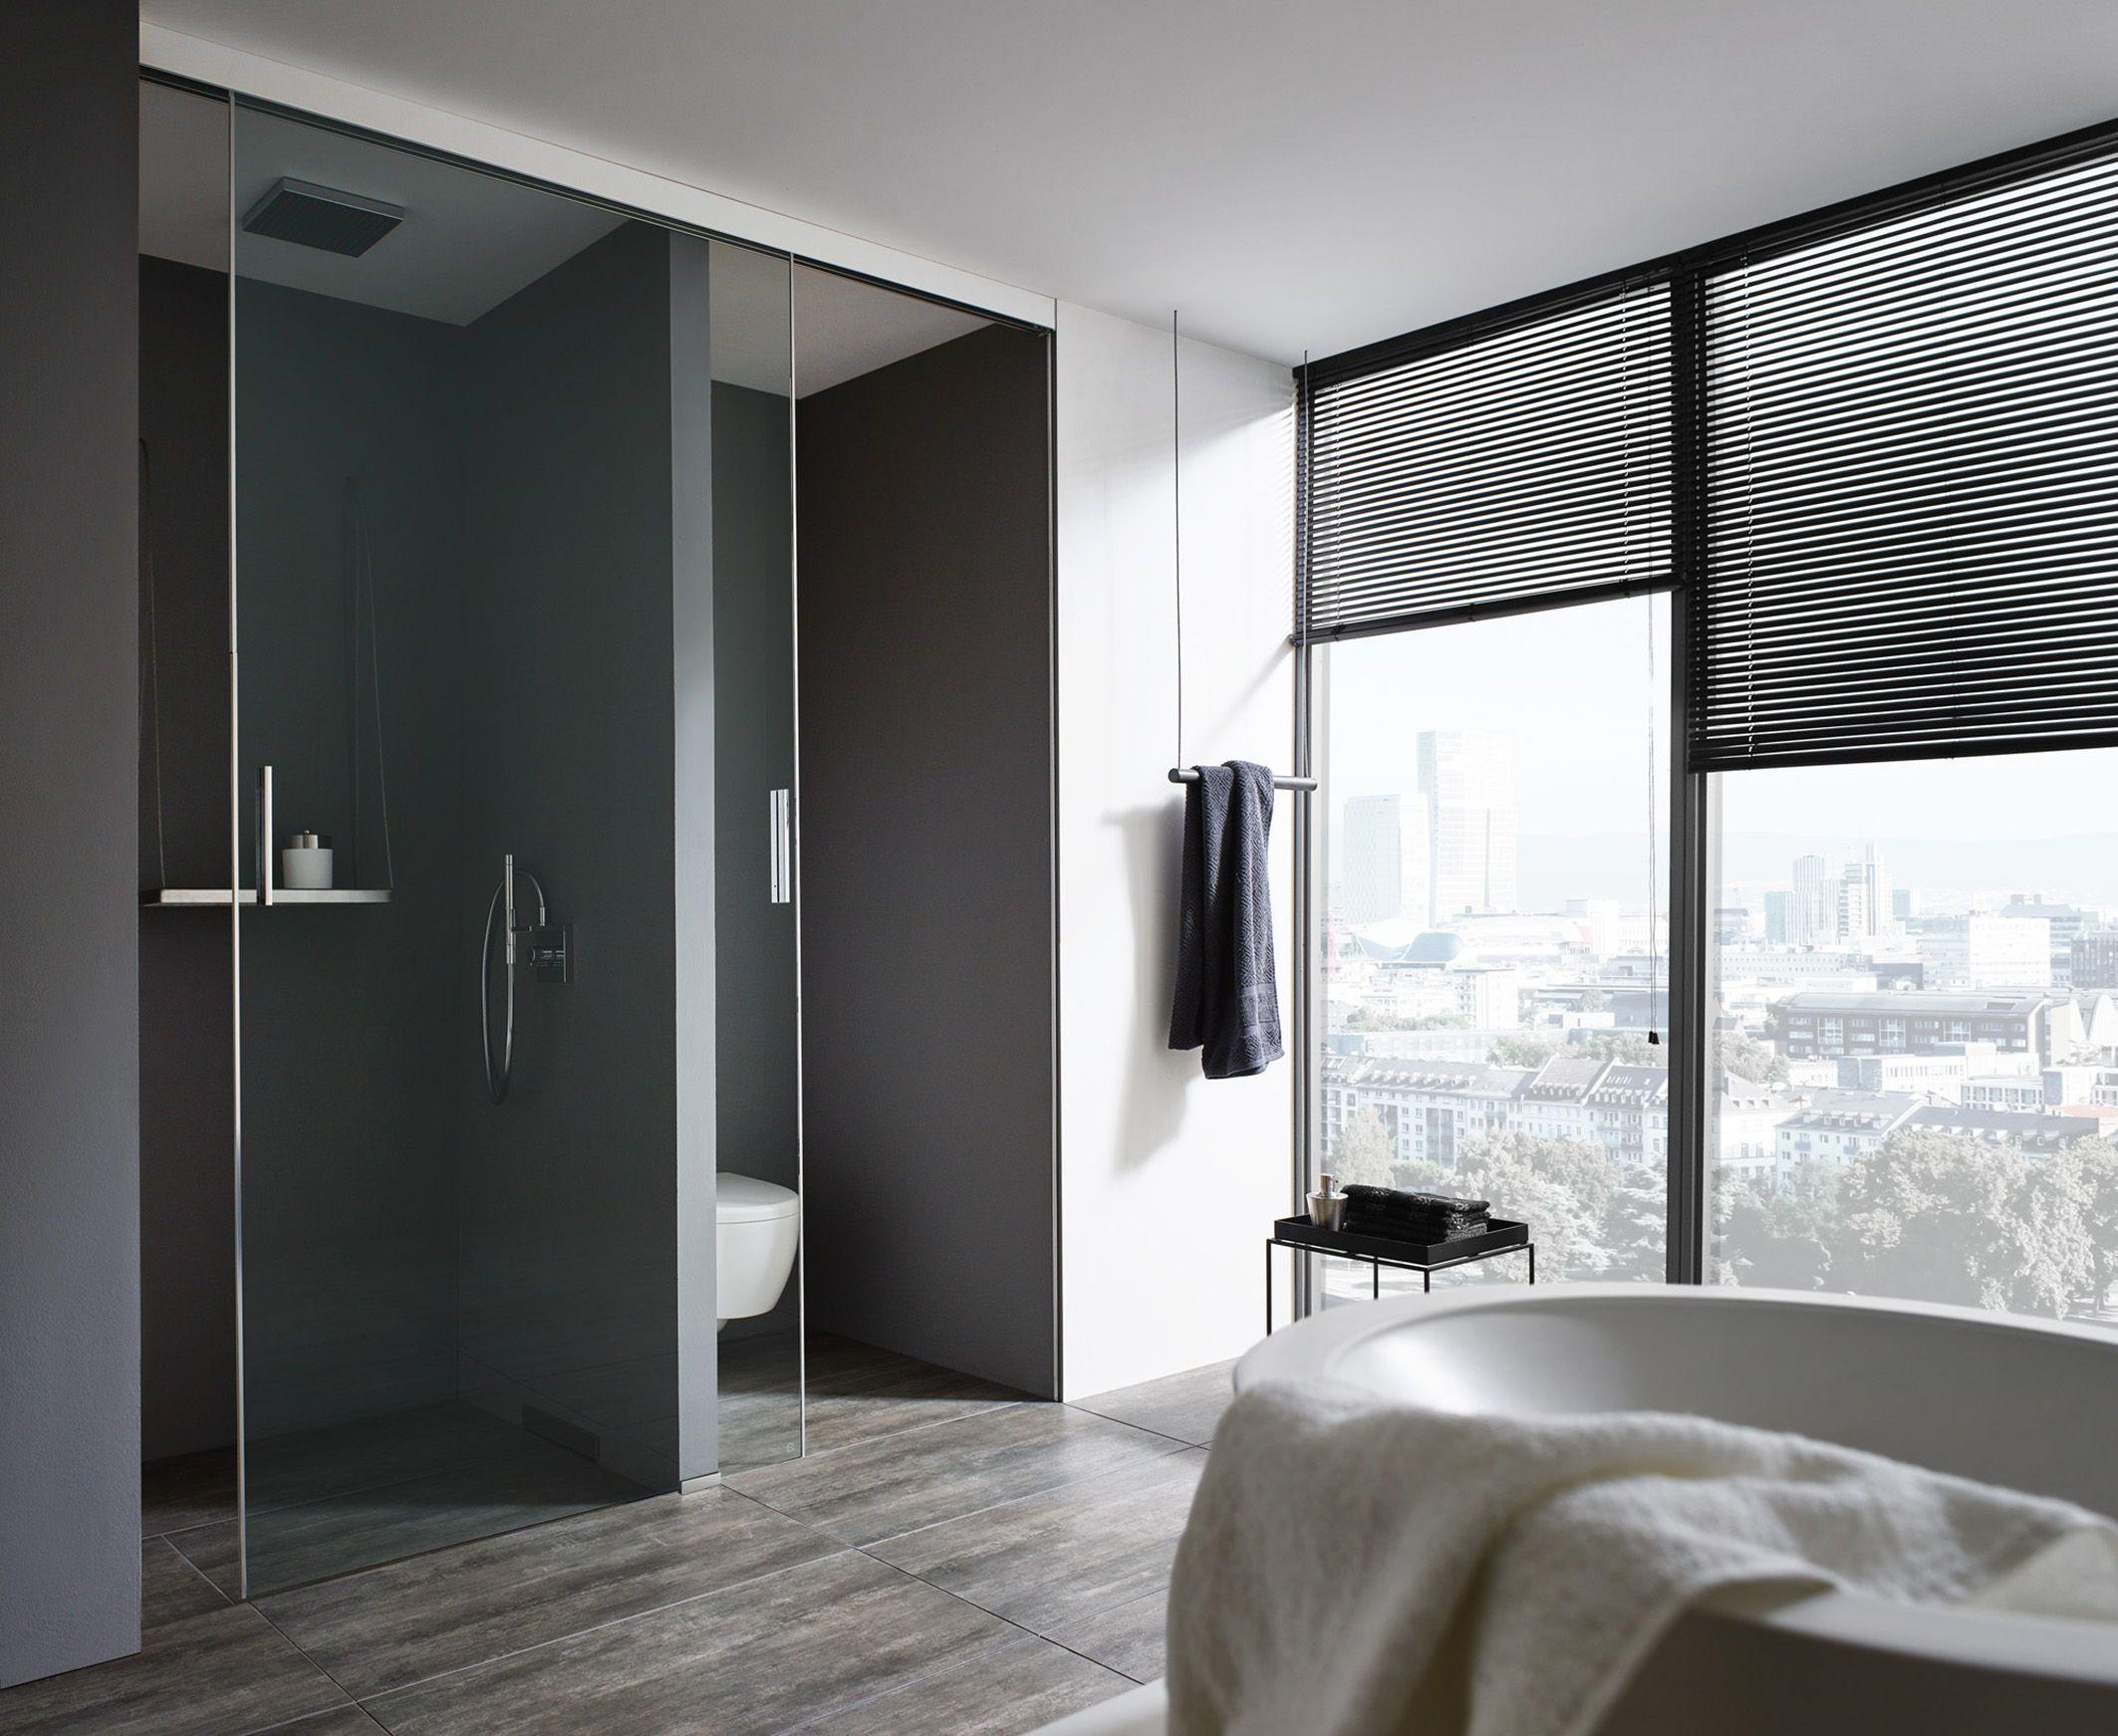 Finde Jetzt Dein Traumbad Wertvolle Tipps Von Der Planung Bis Zur Umsetzung Schiebetur Dusche Produktdesign